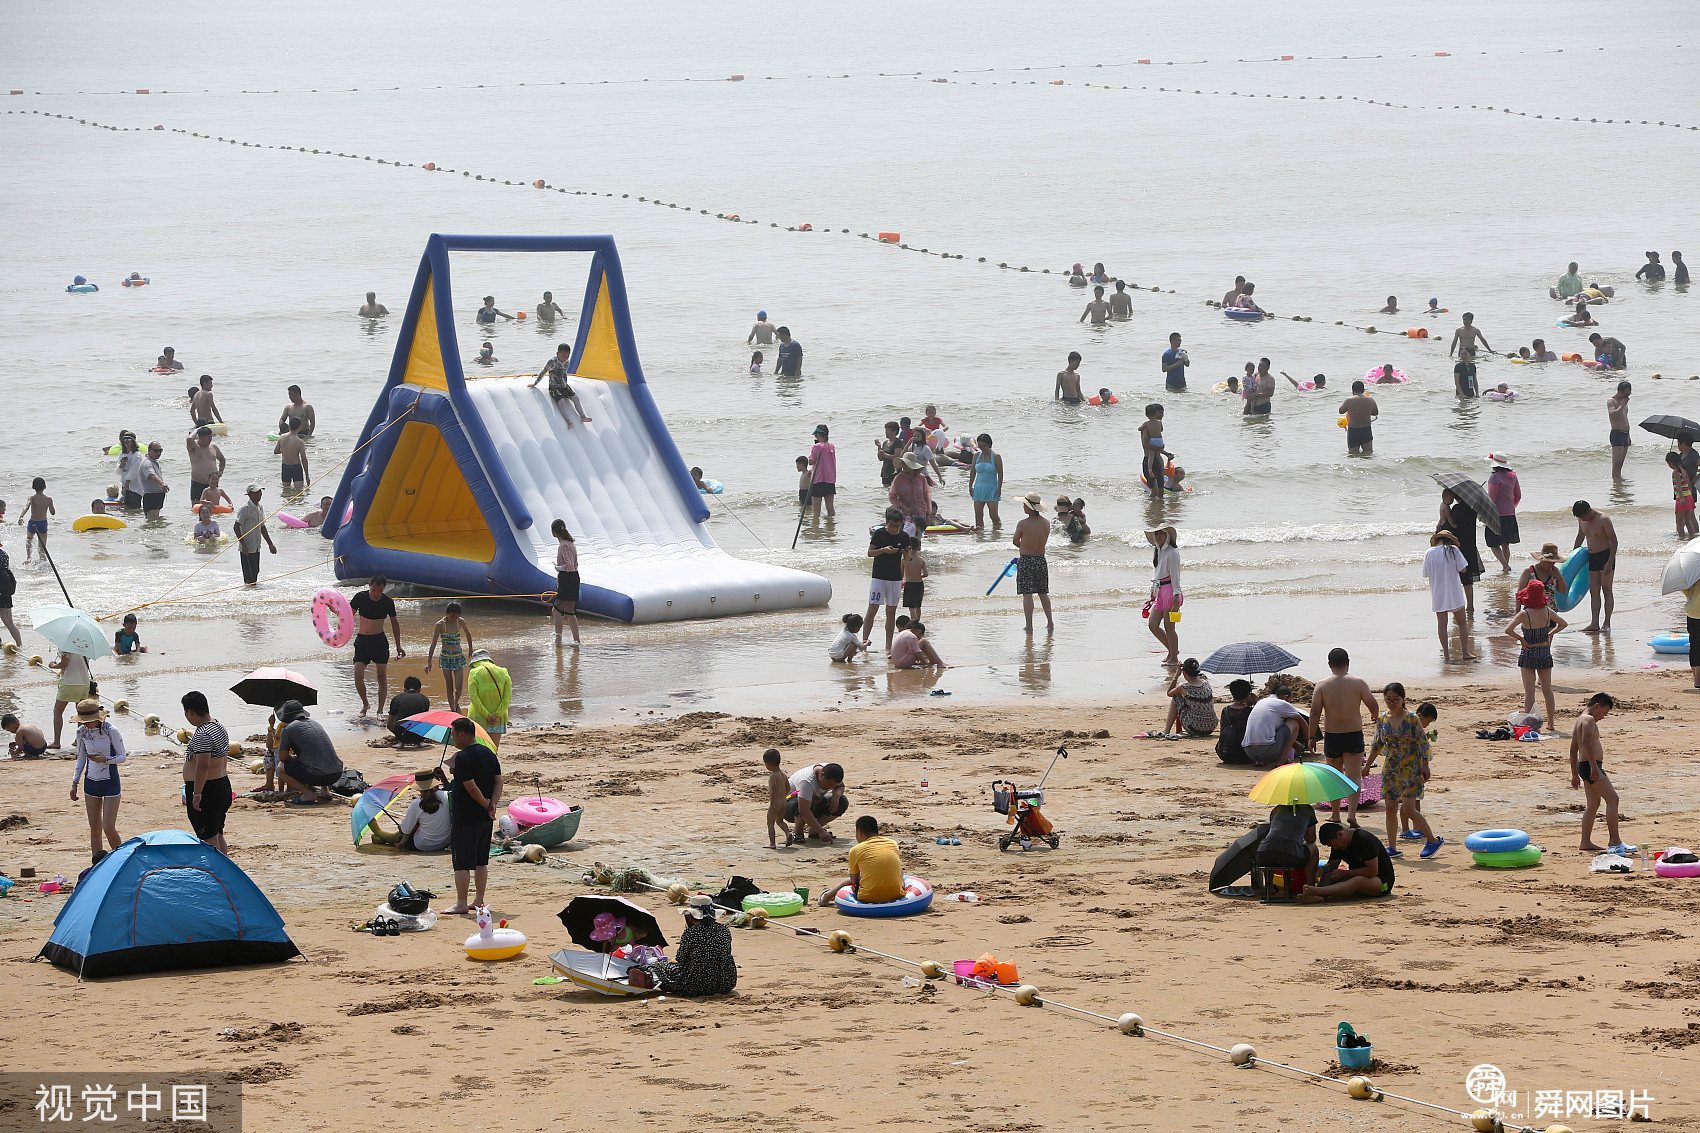 山东日照:海边度假村迎来旅游旺季 游人如织